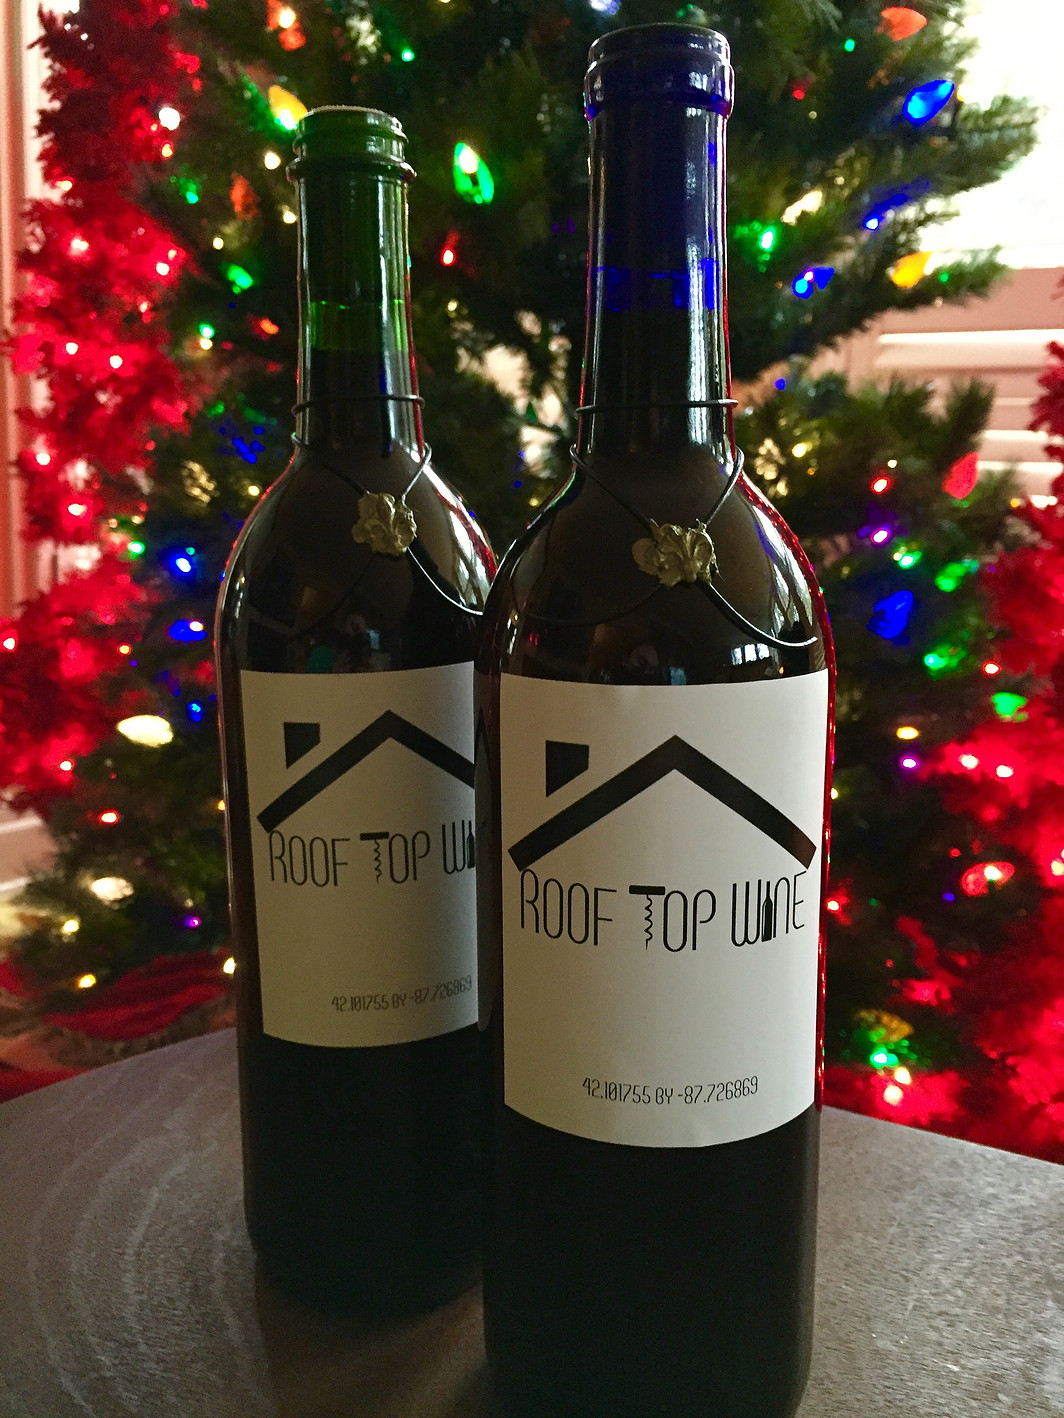 Roof Top Wine Label